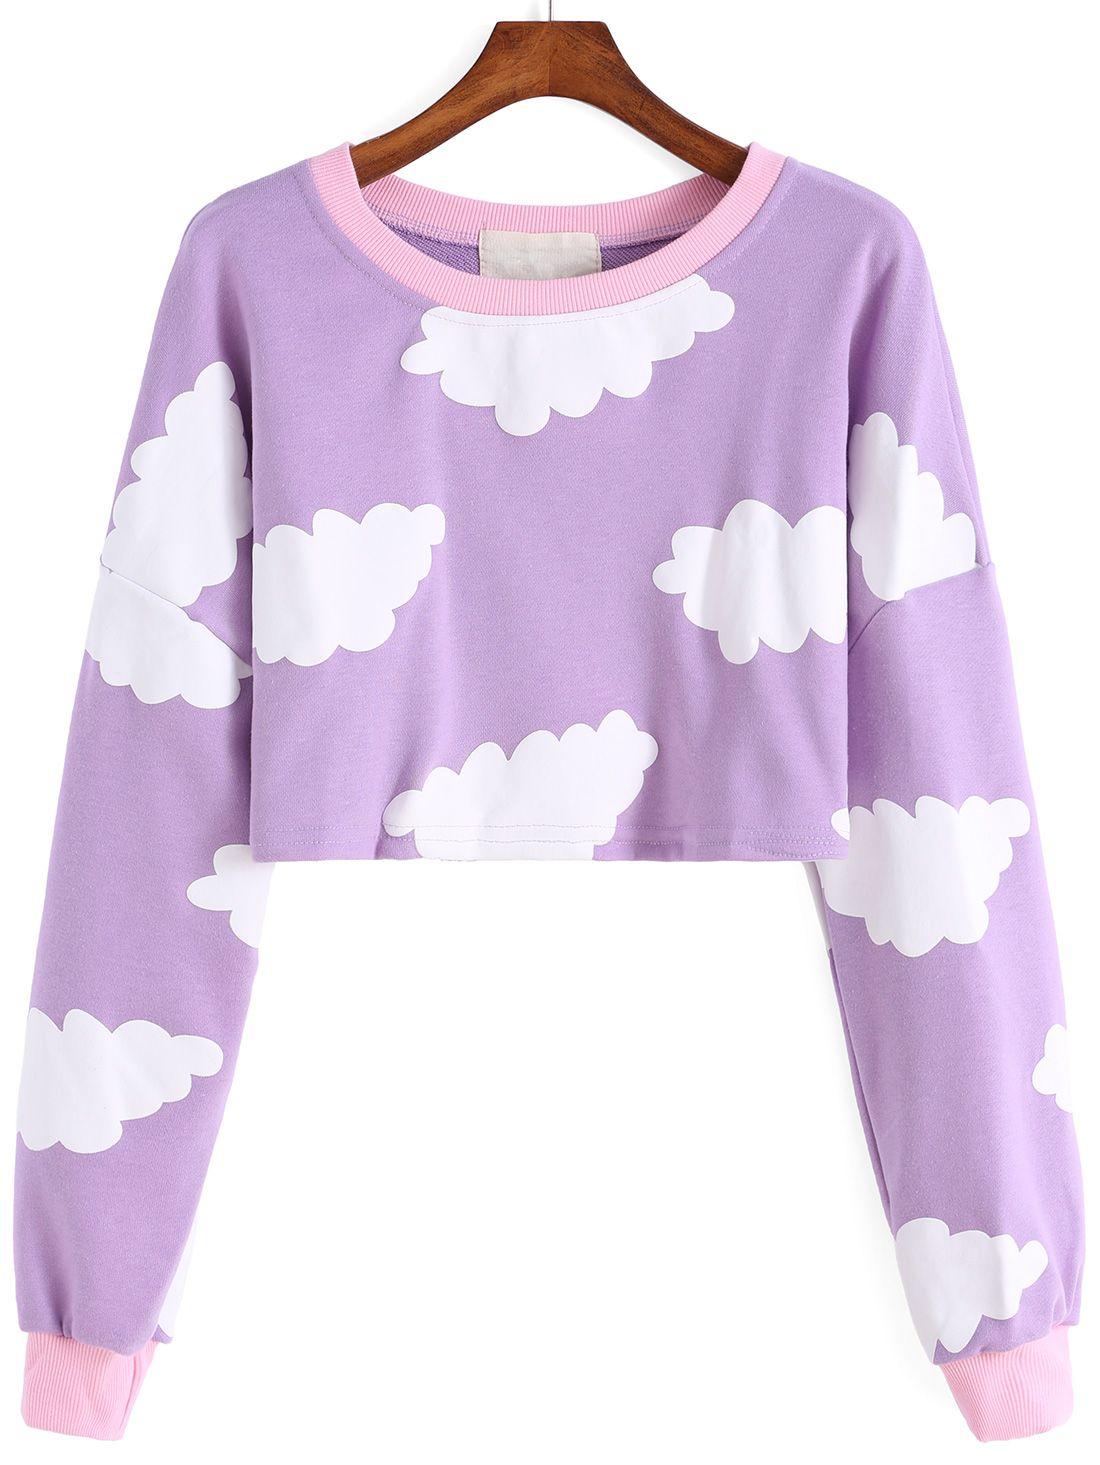 Cloud Print Crop Sweatshirt 24.67 | 4 Spring | Pinterest | Cloud ...